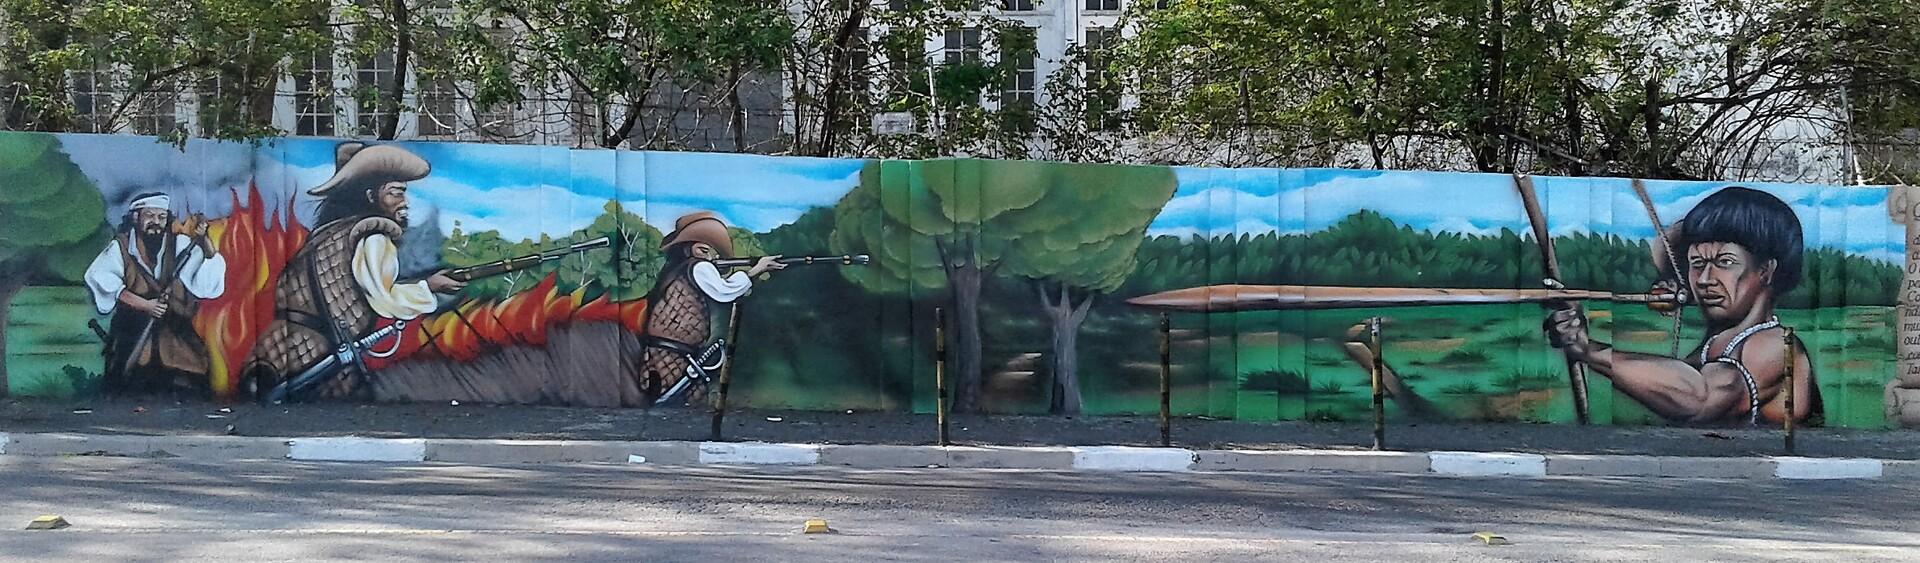 Grafite mostra conflito entre Bandeirantes e indígenas, nos idos de 1500